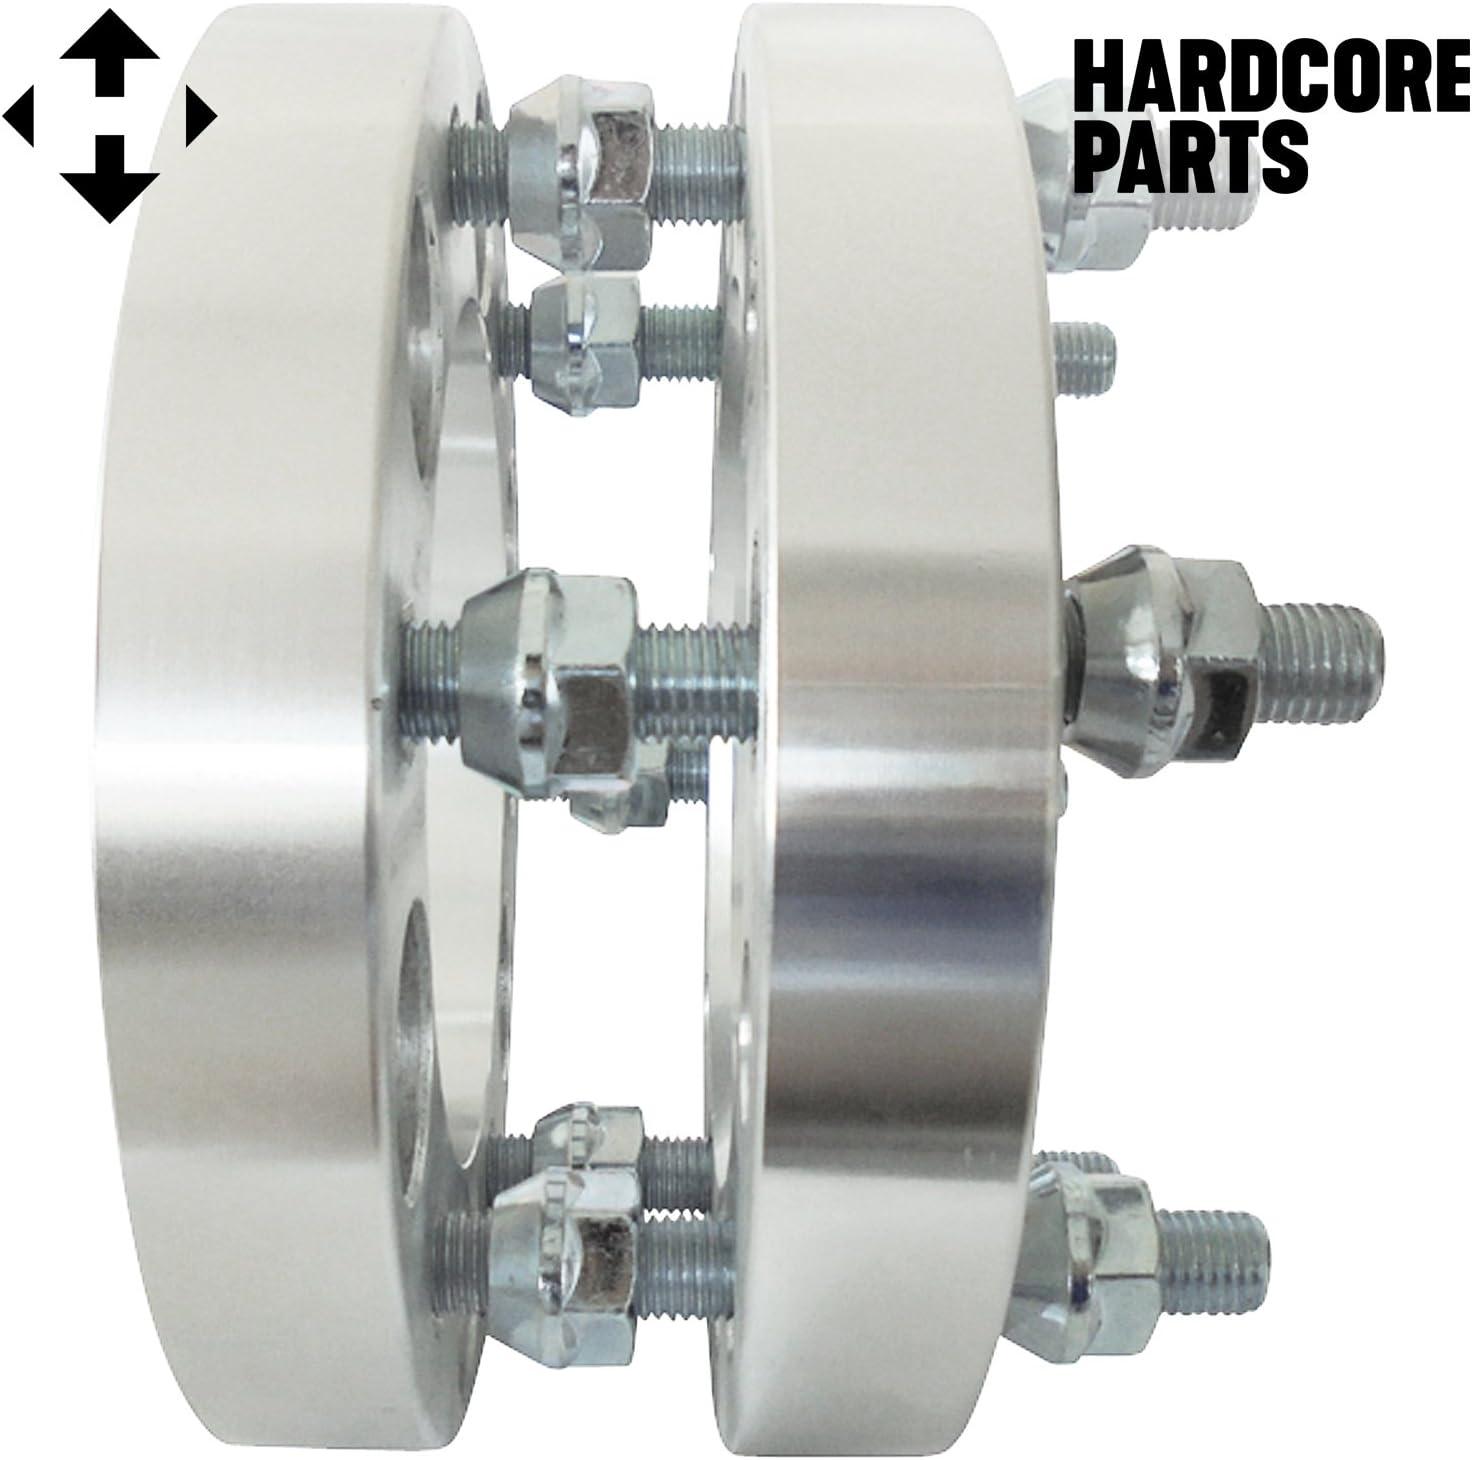 2pc Wheel Spacers Adapters 1.5 6x5.5 6x139.7 12x1.5 Threads Toyota Isuzu Chevroloet GMC Dodge Ford Honda Hummer Hyundai Isuzu Lexus Mazda Mitsubishi